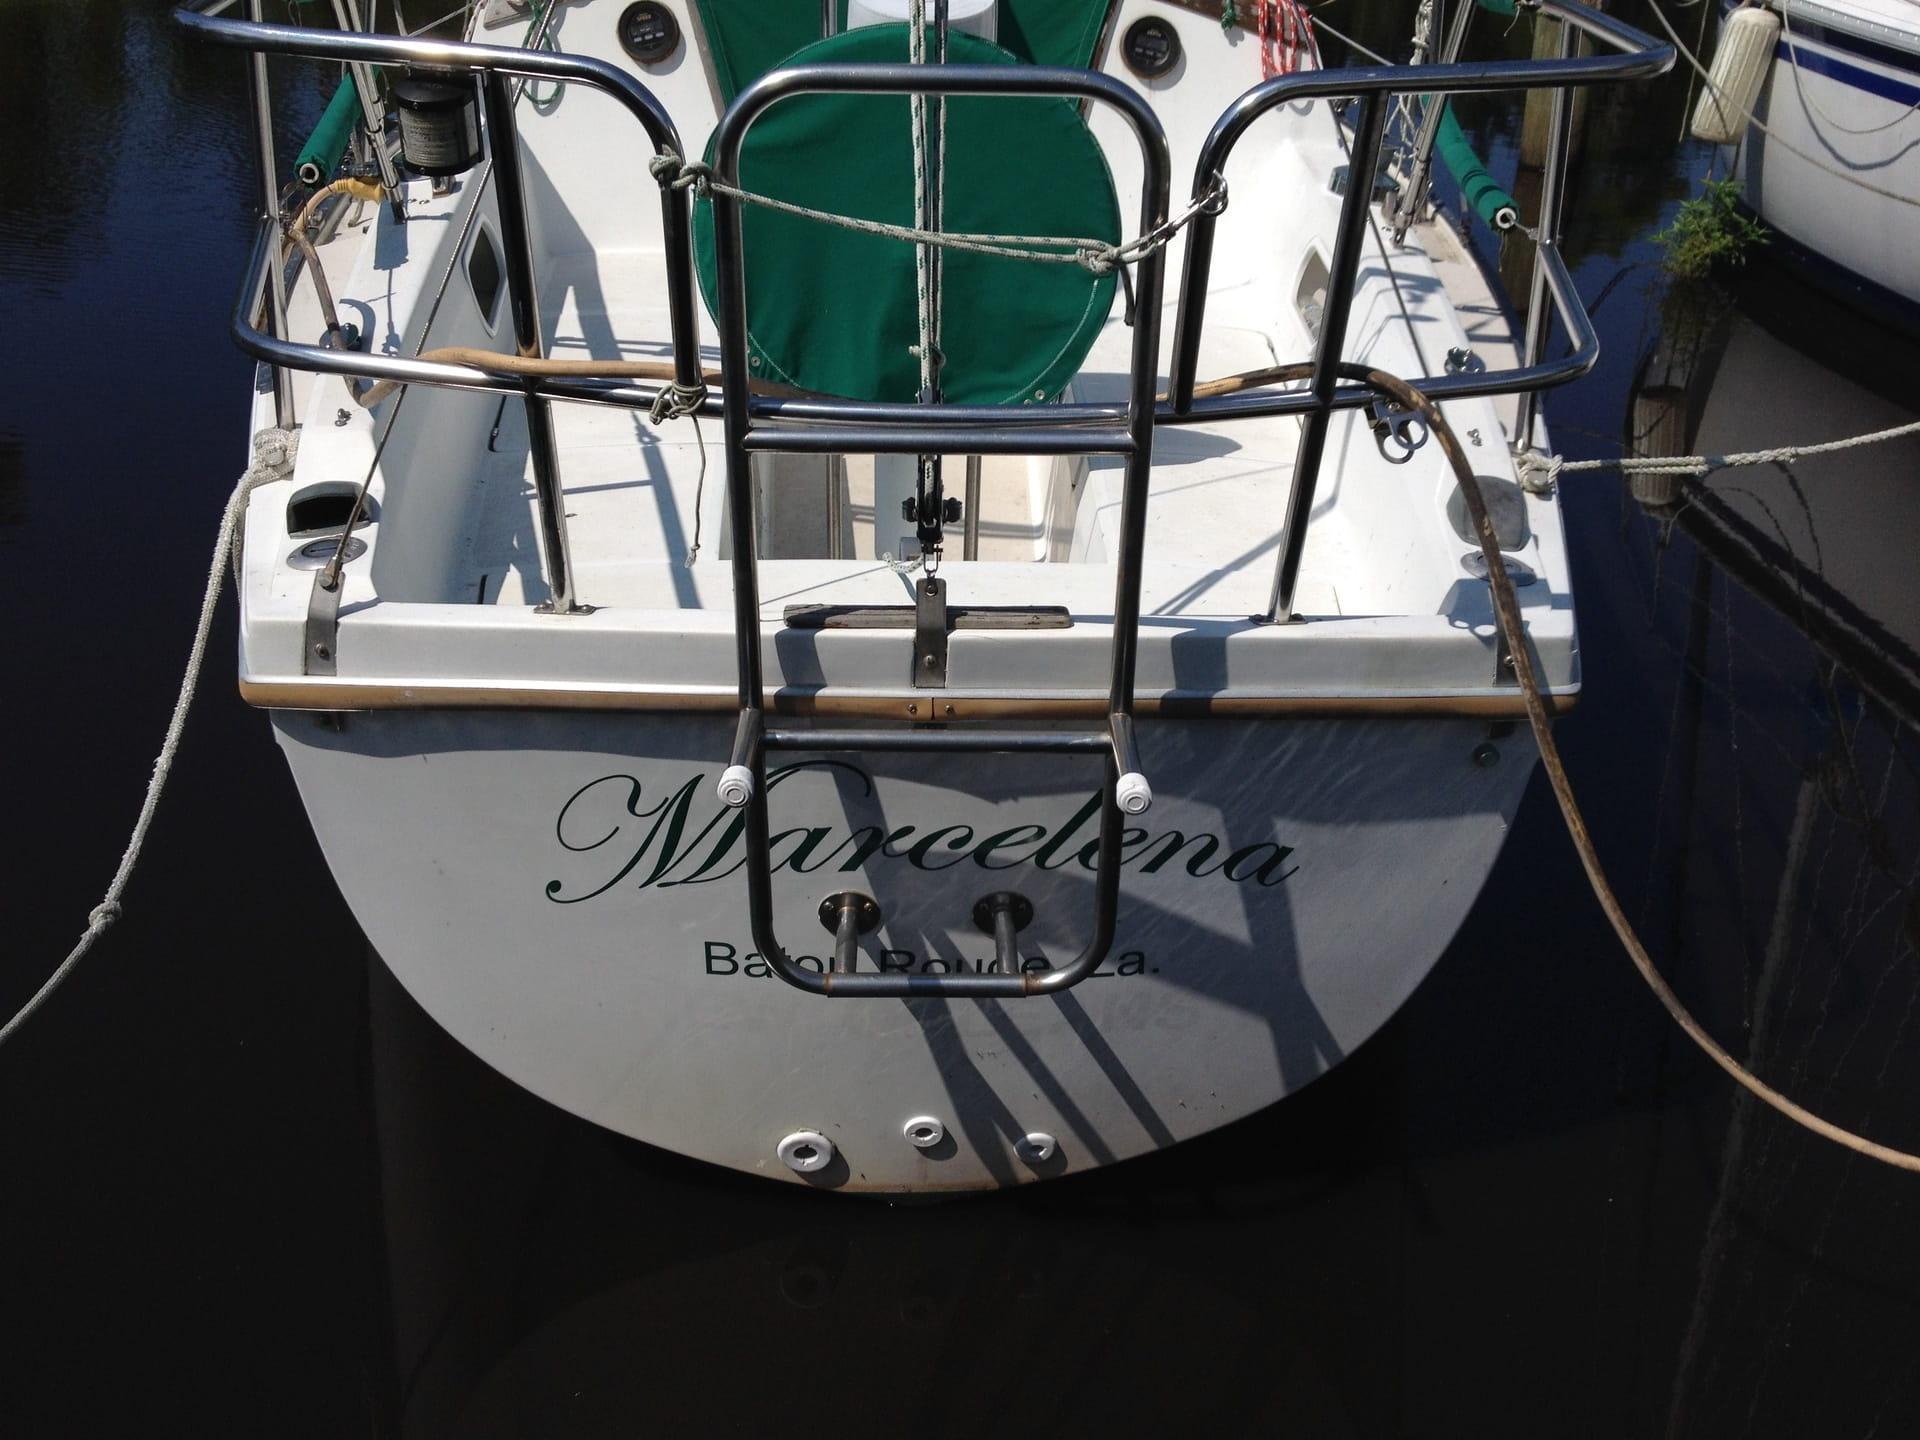 Marcelena Boat Lettering